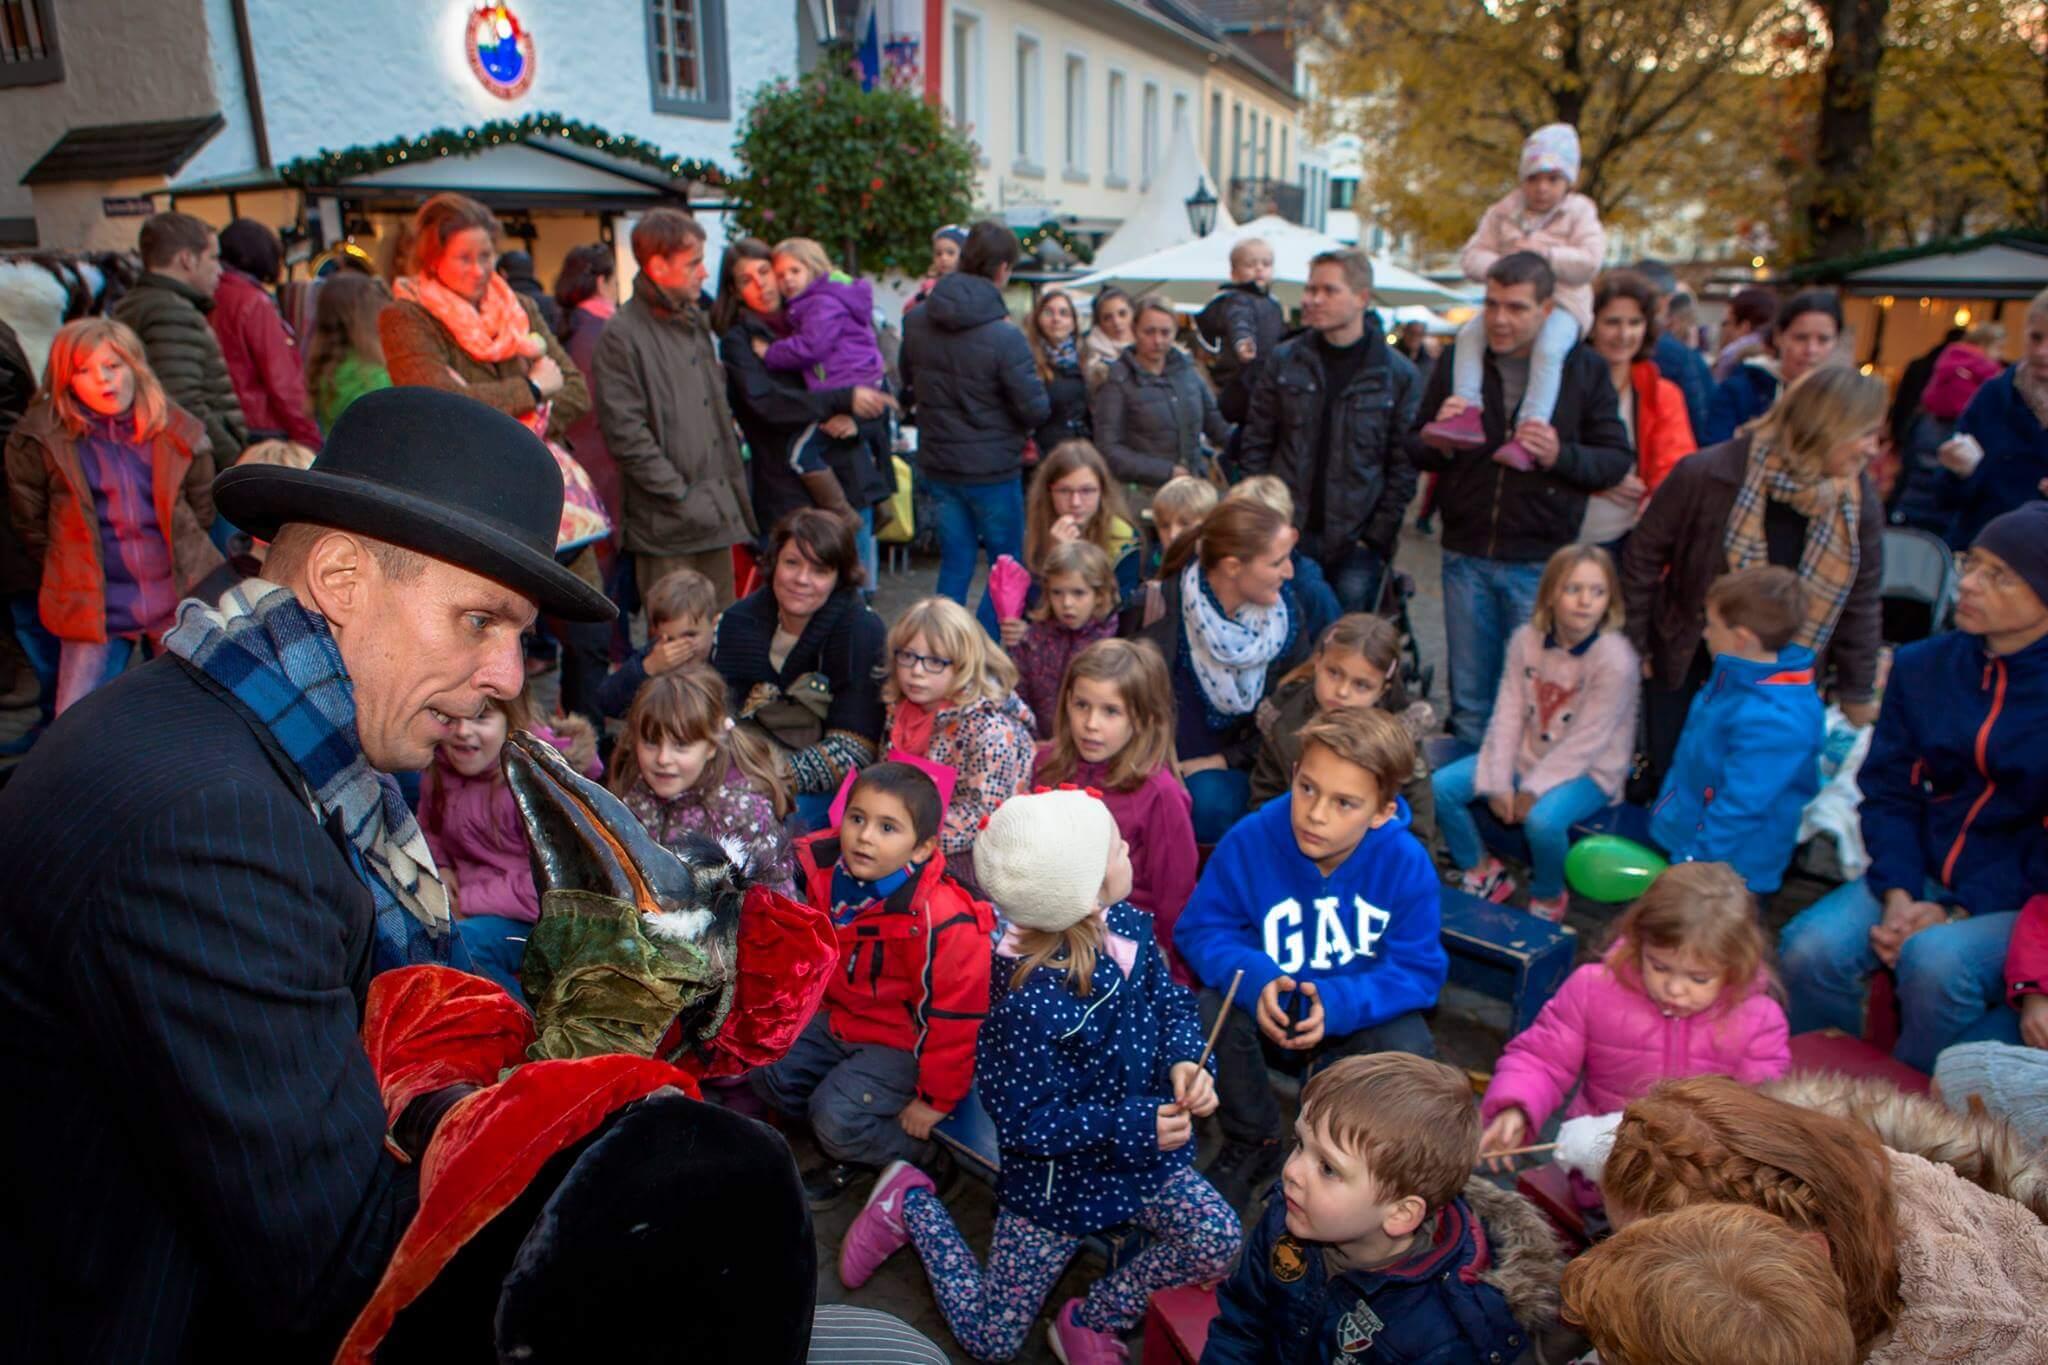 Die Kinder sind versorgt beim Kasperletheater über Zauberer, Stelzenläufer sowie das Holzriesenrad wird sich natürlich auch immer wieder gefreut.